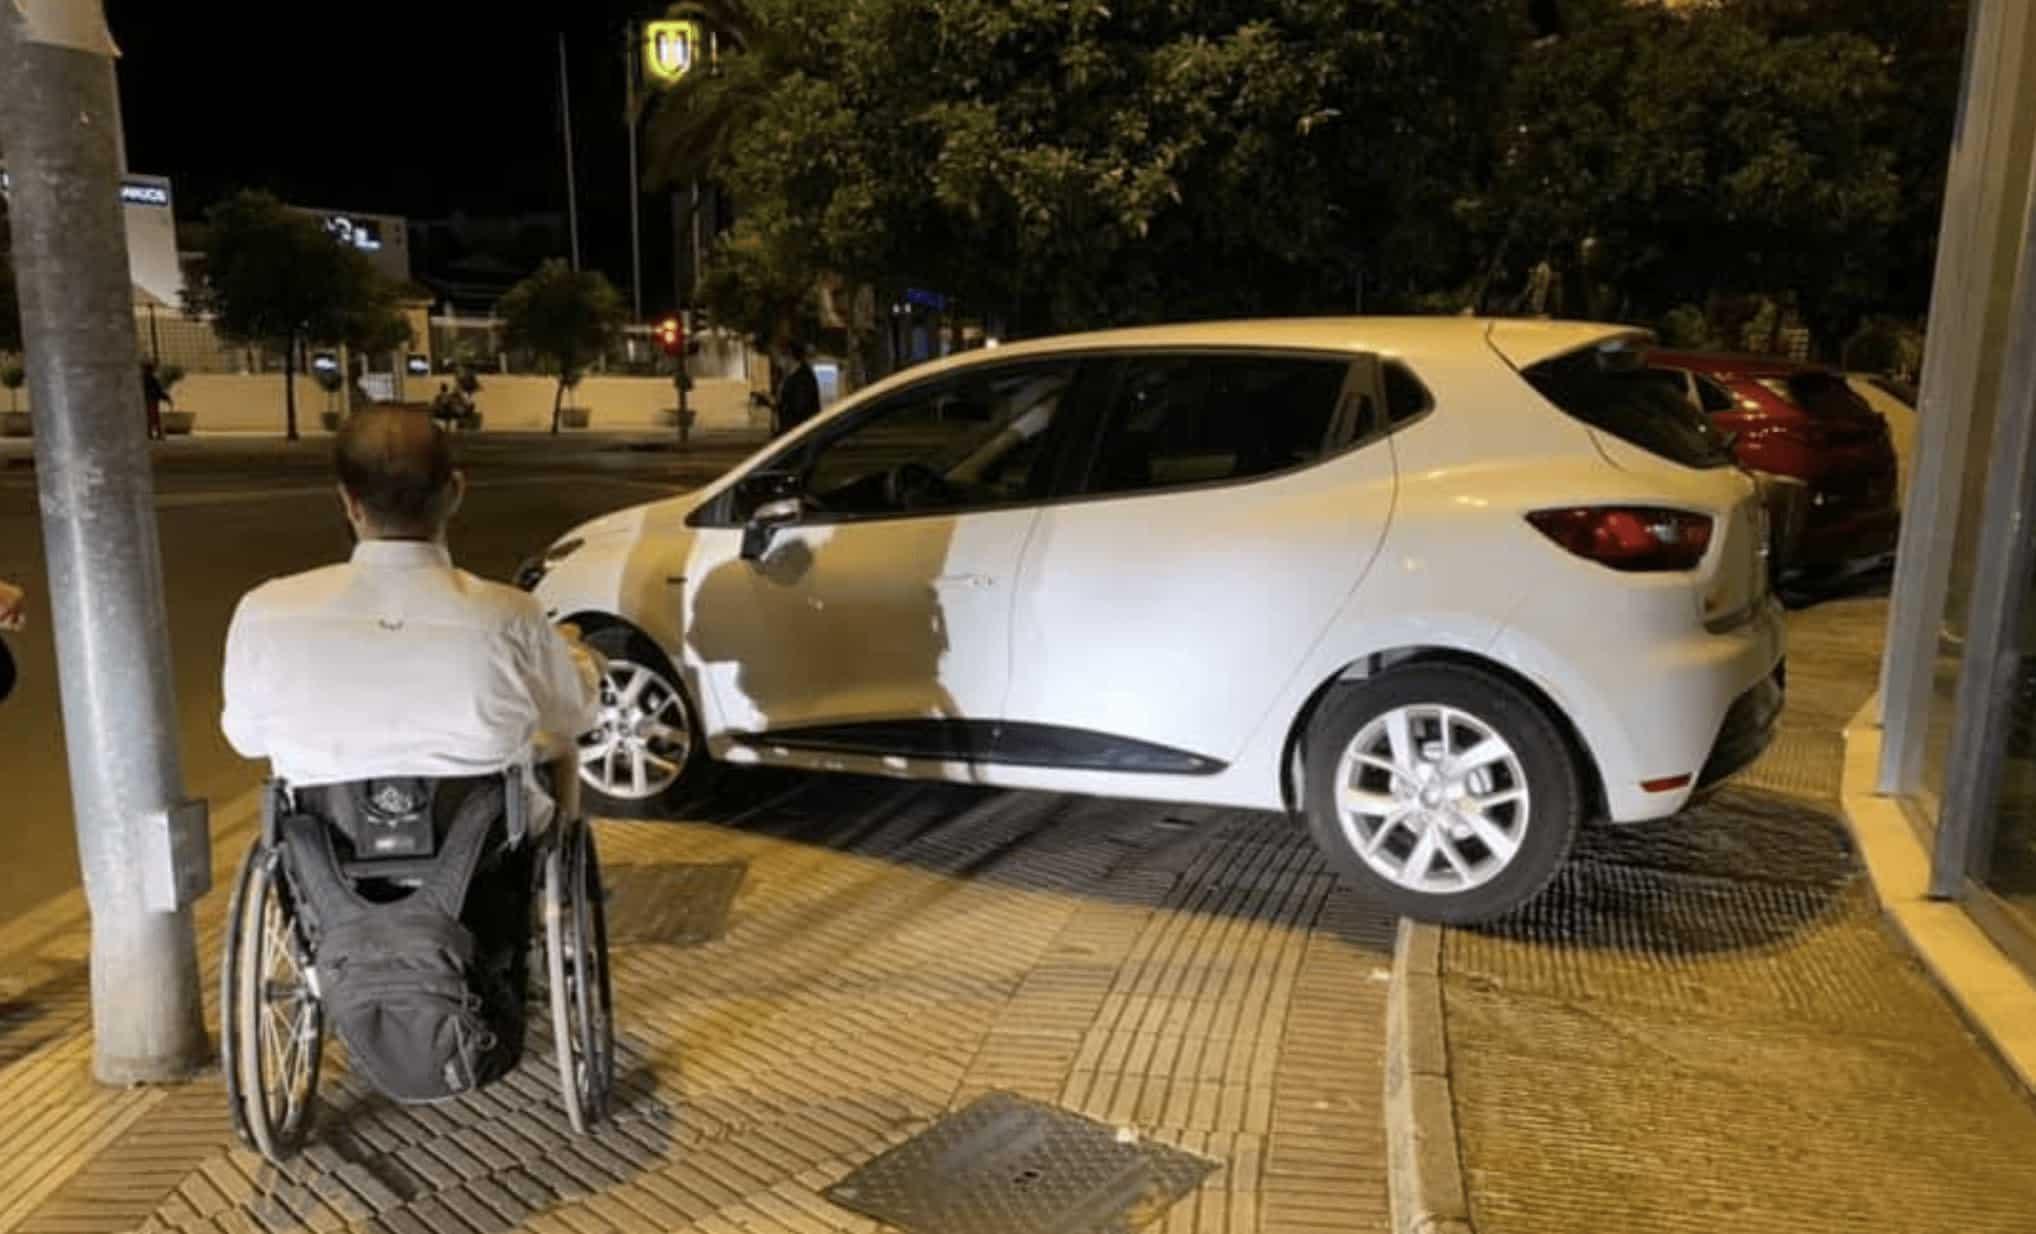 Francisco Zuasti accesibilidad coche mal aparcado